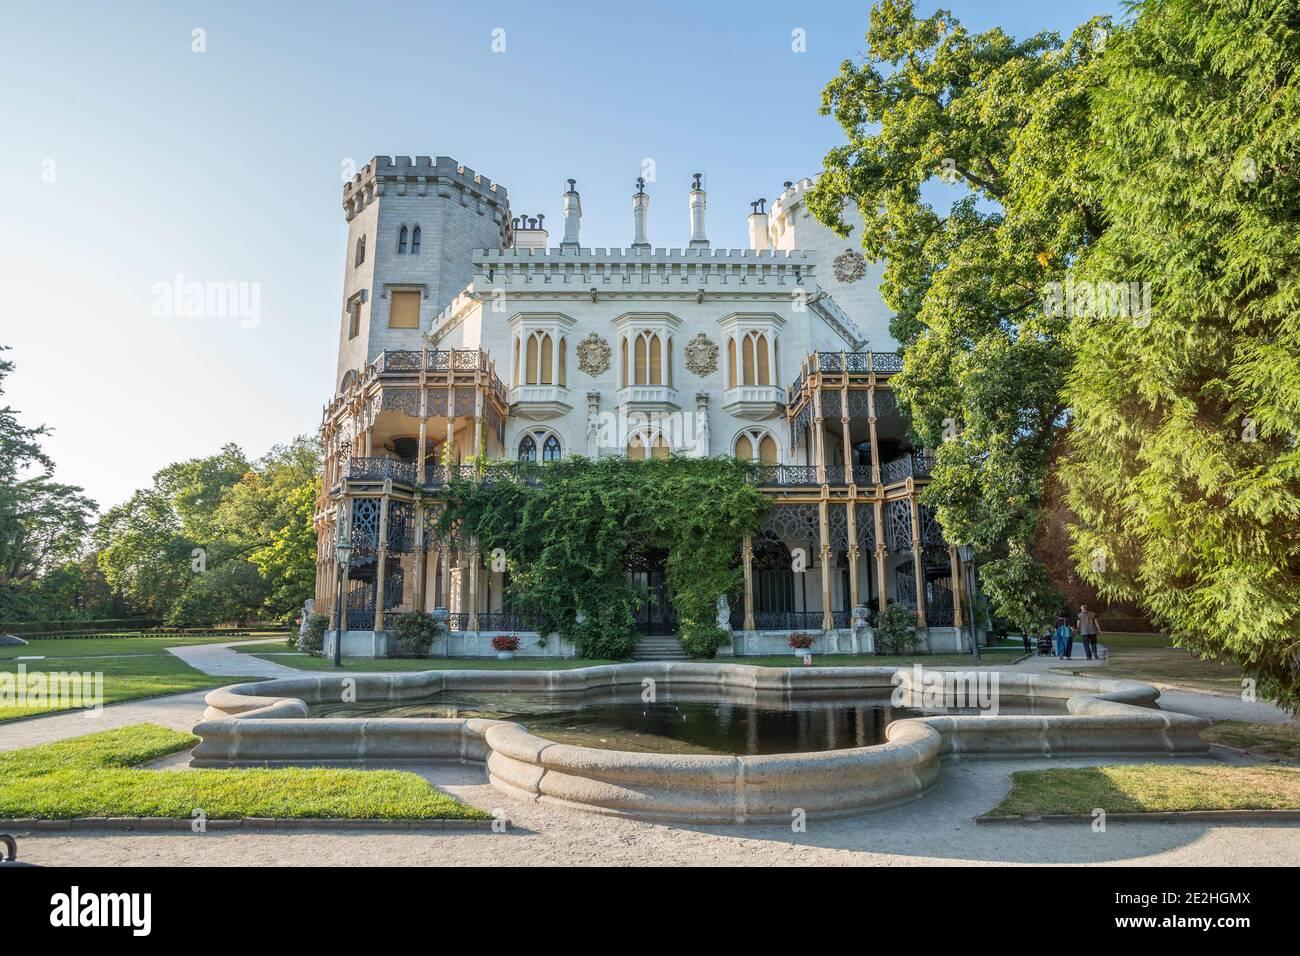 Castillo Hluboka, castillo histórico en Hluboka nad Vltavou, Bohemia del Sur, República Checa, clima soleado de verano. Foto de stock